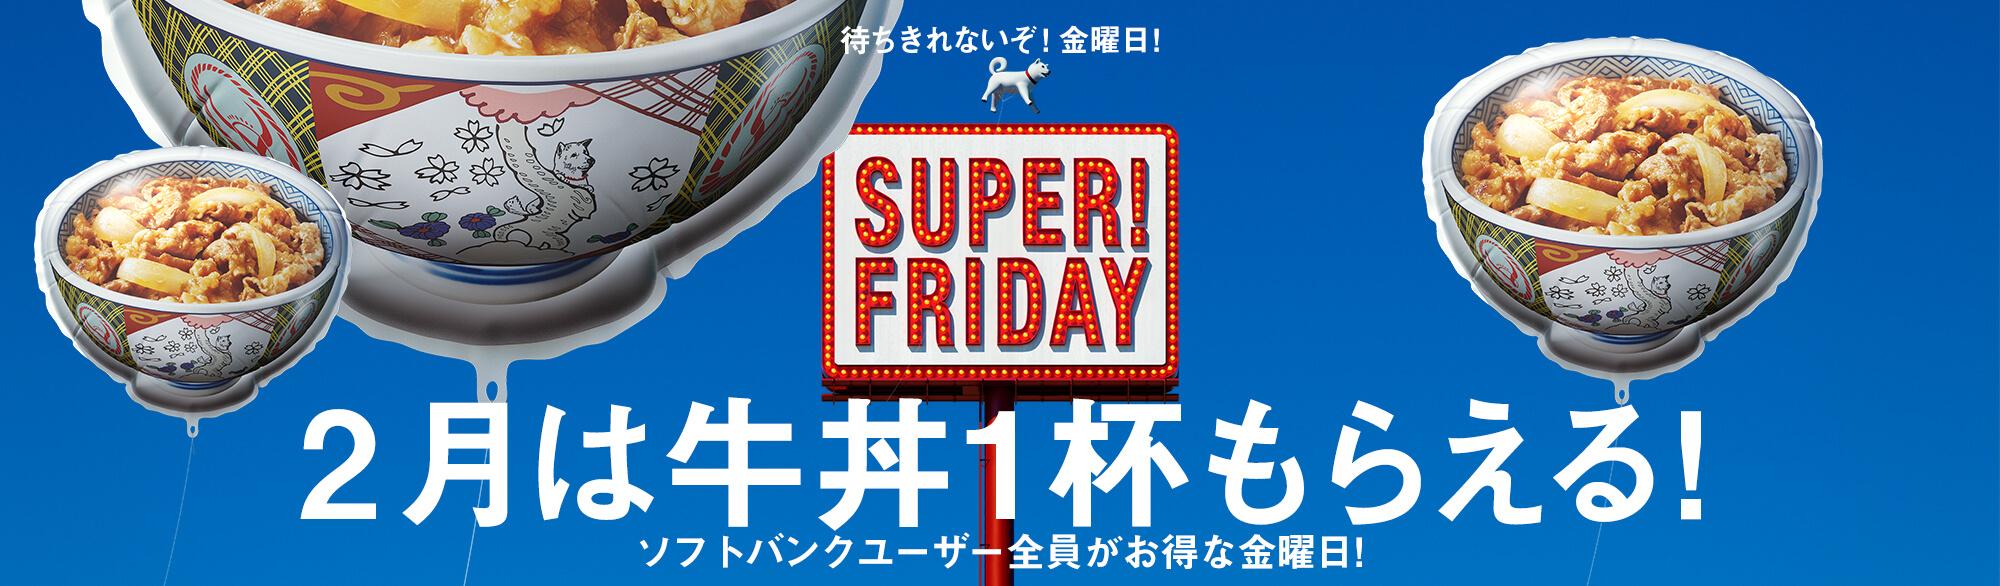 2019年2月「SUPER FRIDAY」で牛丼(並盛)をプレゼント